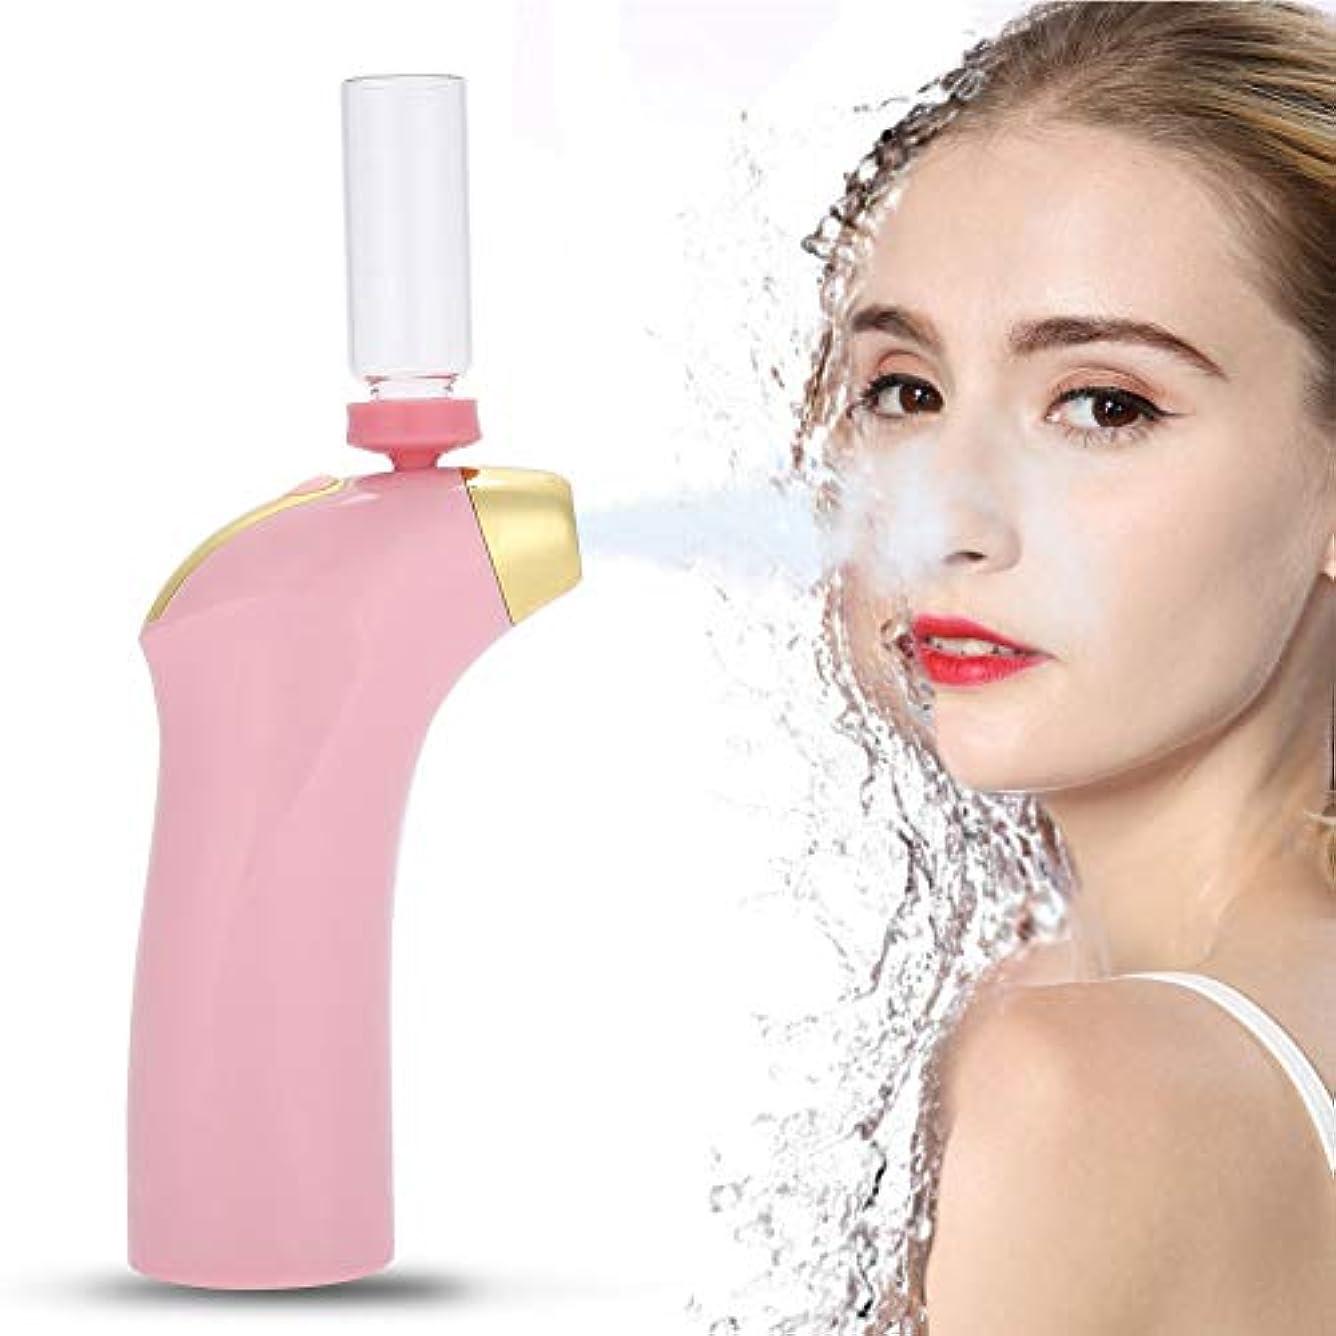 ウェブ面積過剰専門の酸素の注入のスプレーガン - 顔の皮の若返りの美機械、顔の美の器械、引き締まる皮は、肌の色合い、色素形成を改善します